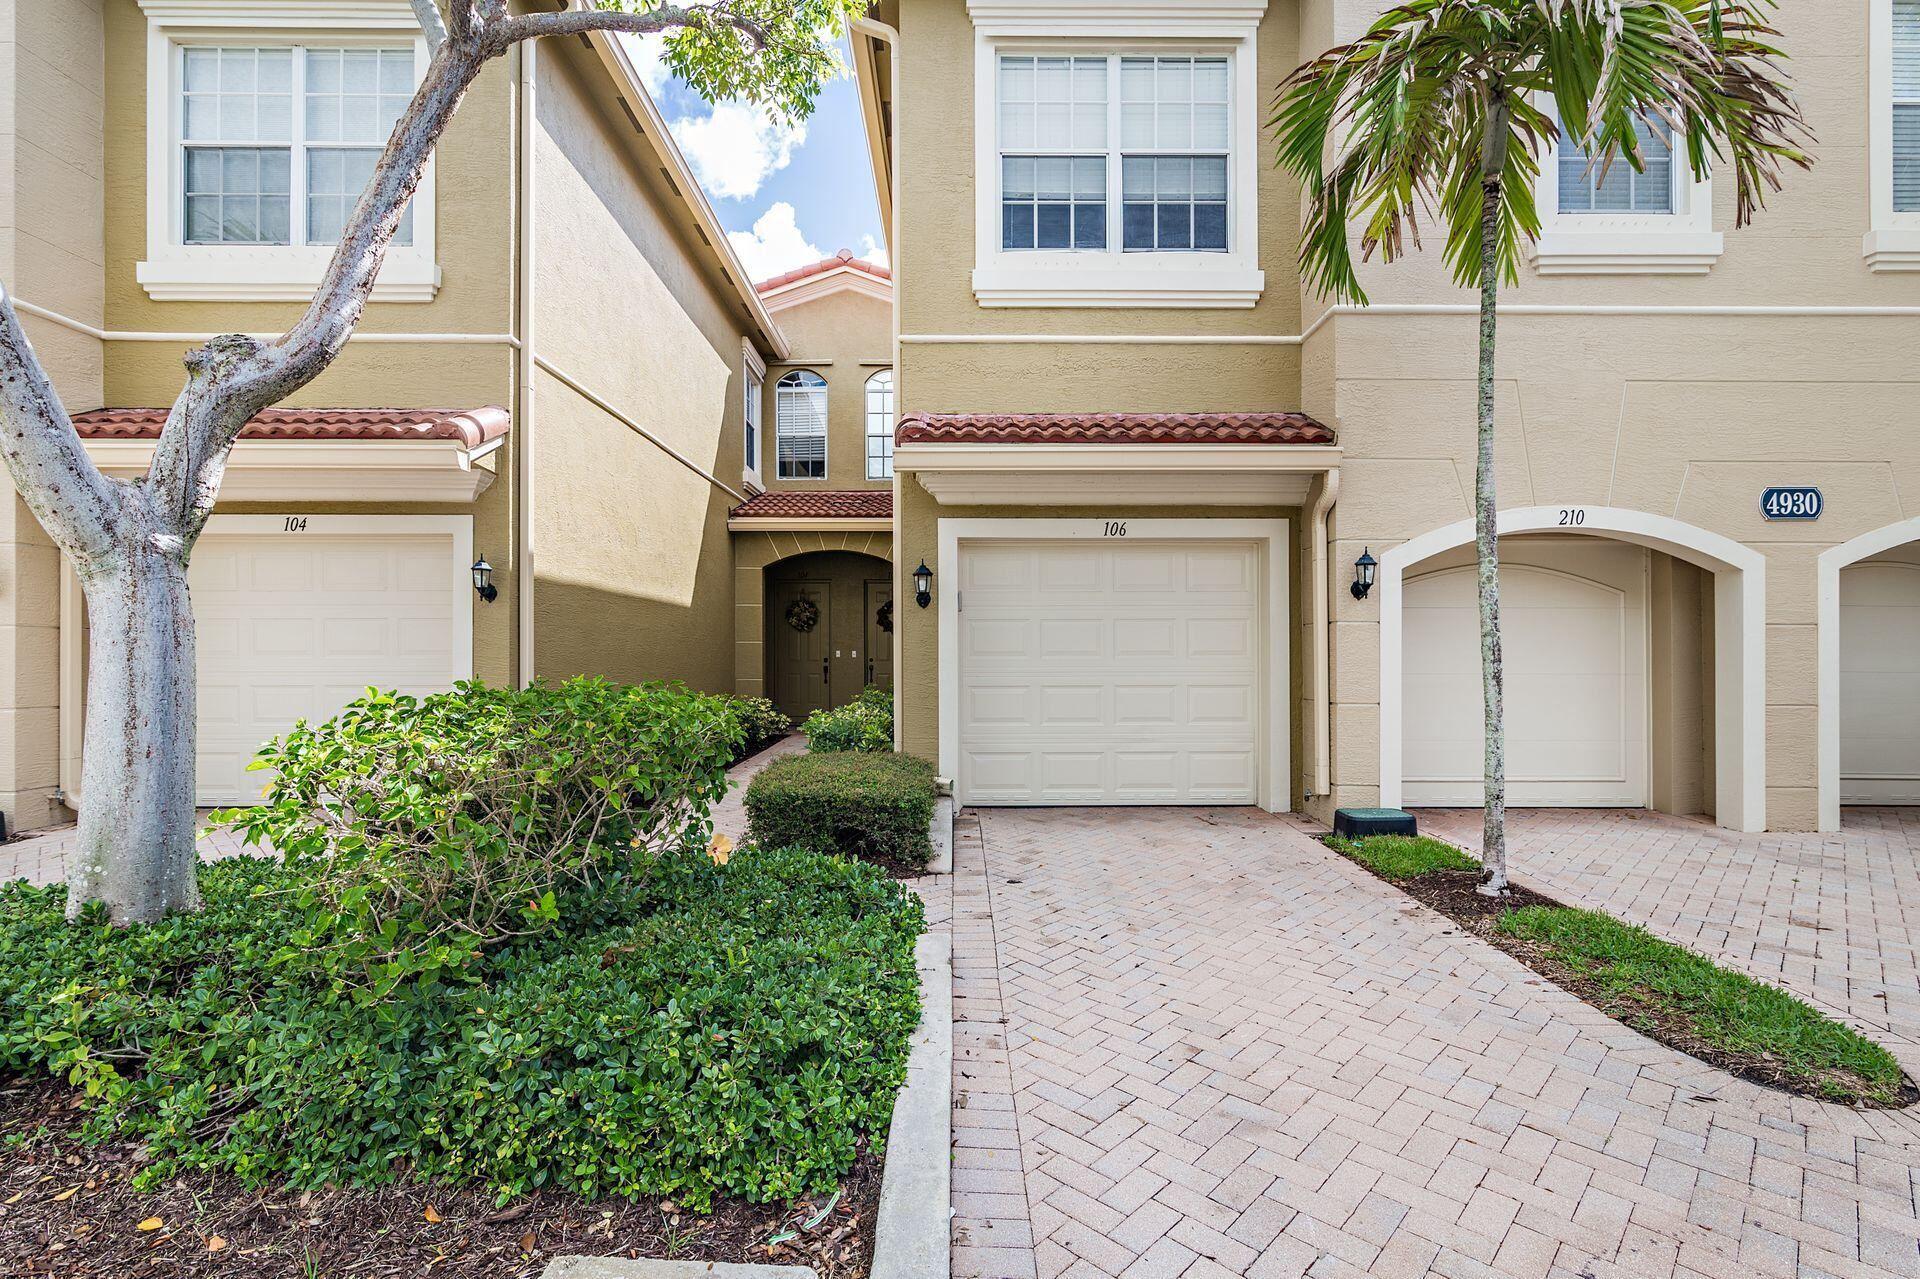 4930 Bonsai Circle #106, Palm Beach Gardens, FL 33418 - #: RX-10728376